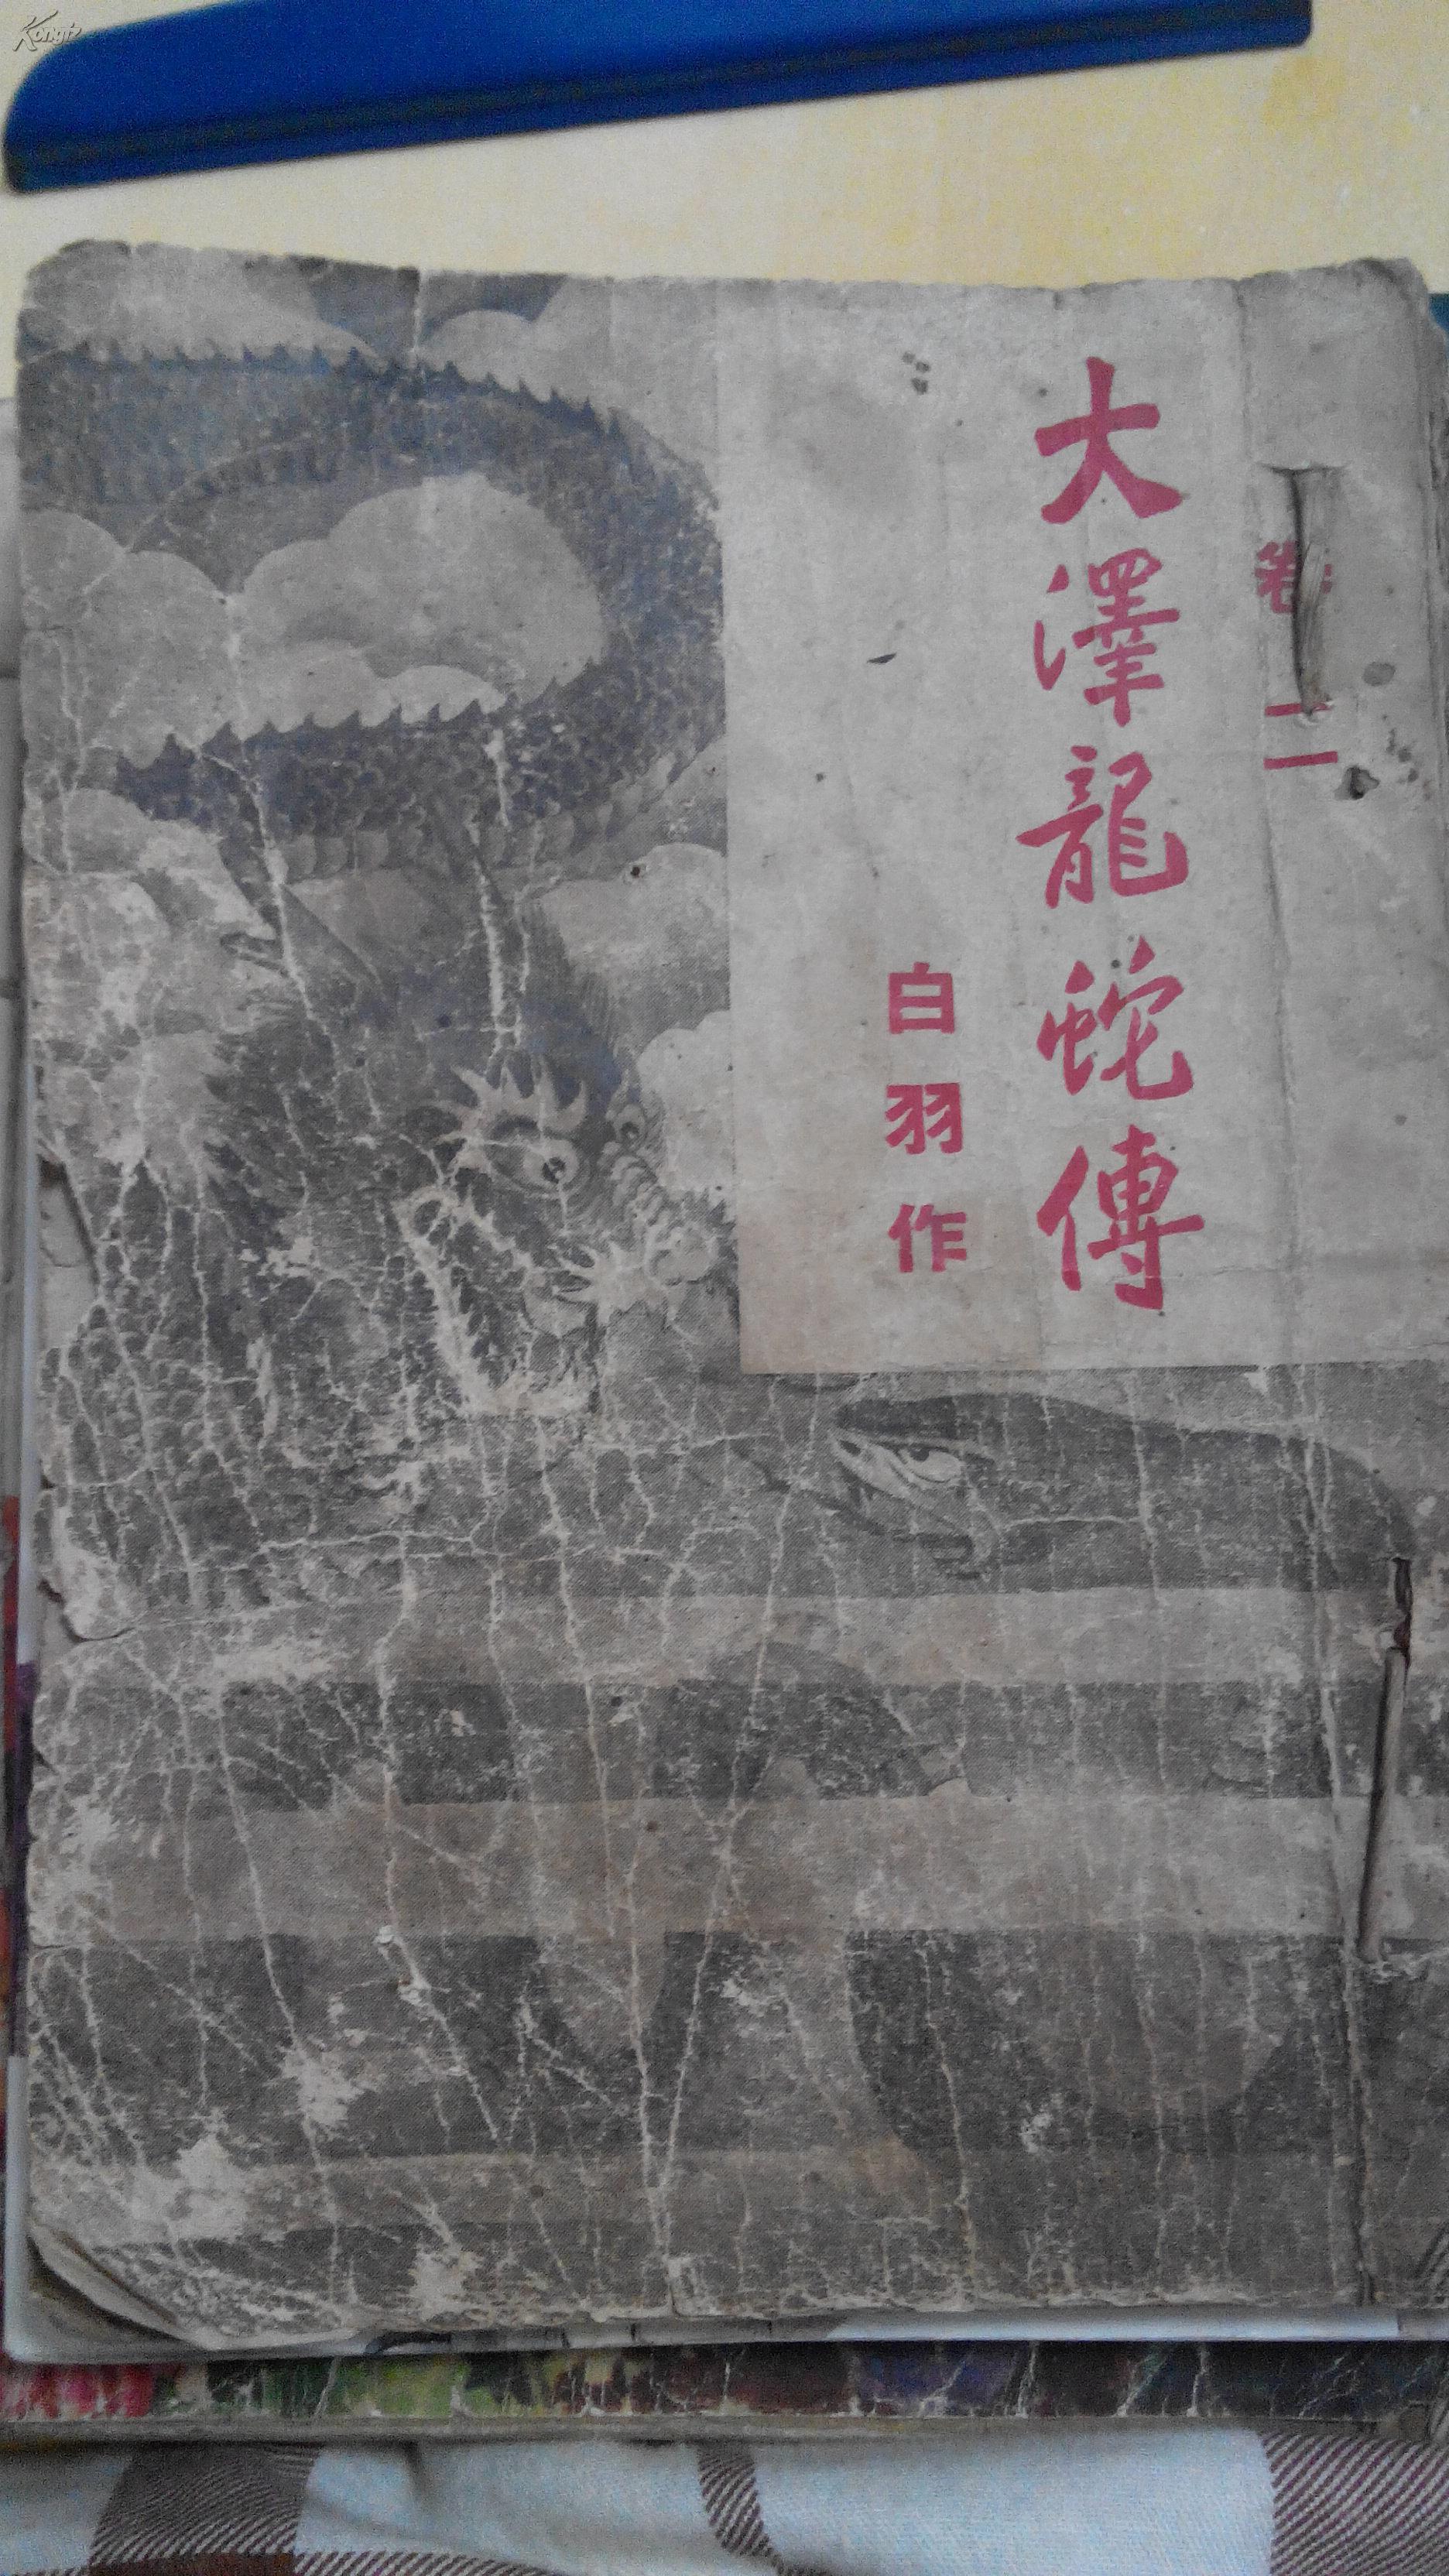 大泽龙蛇传(卷二)孔网孤本